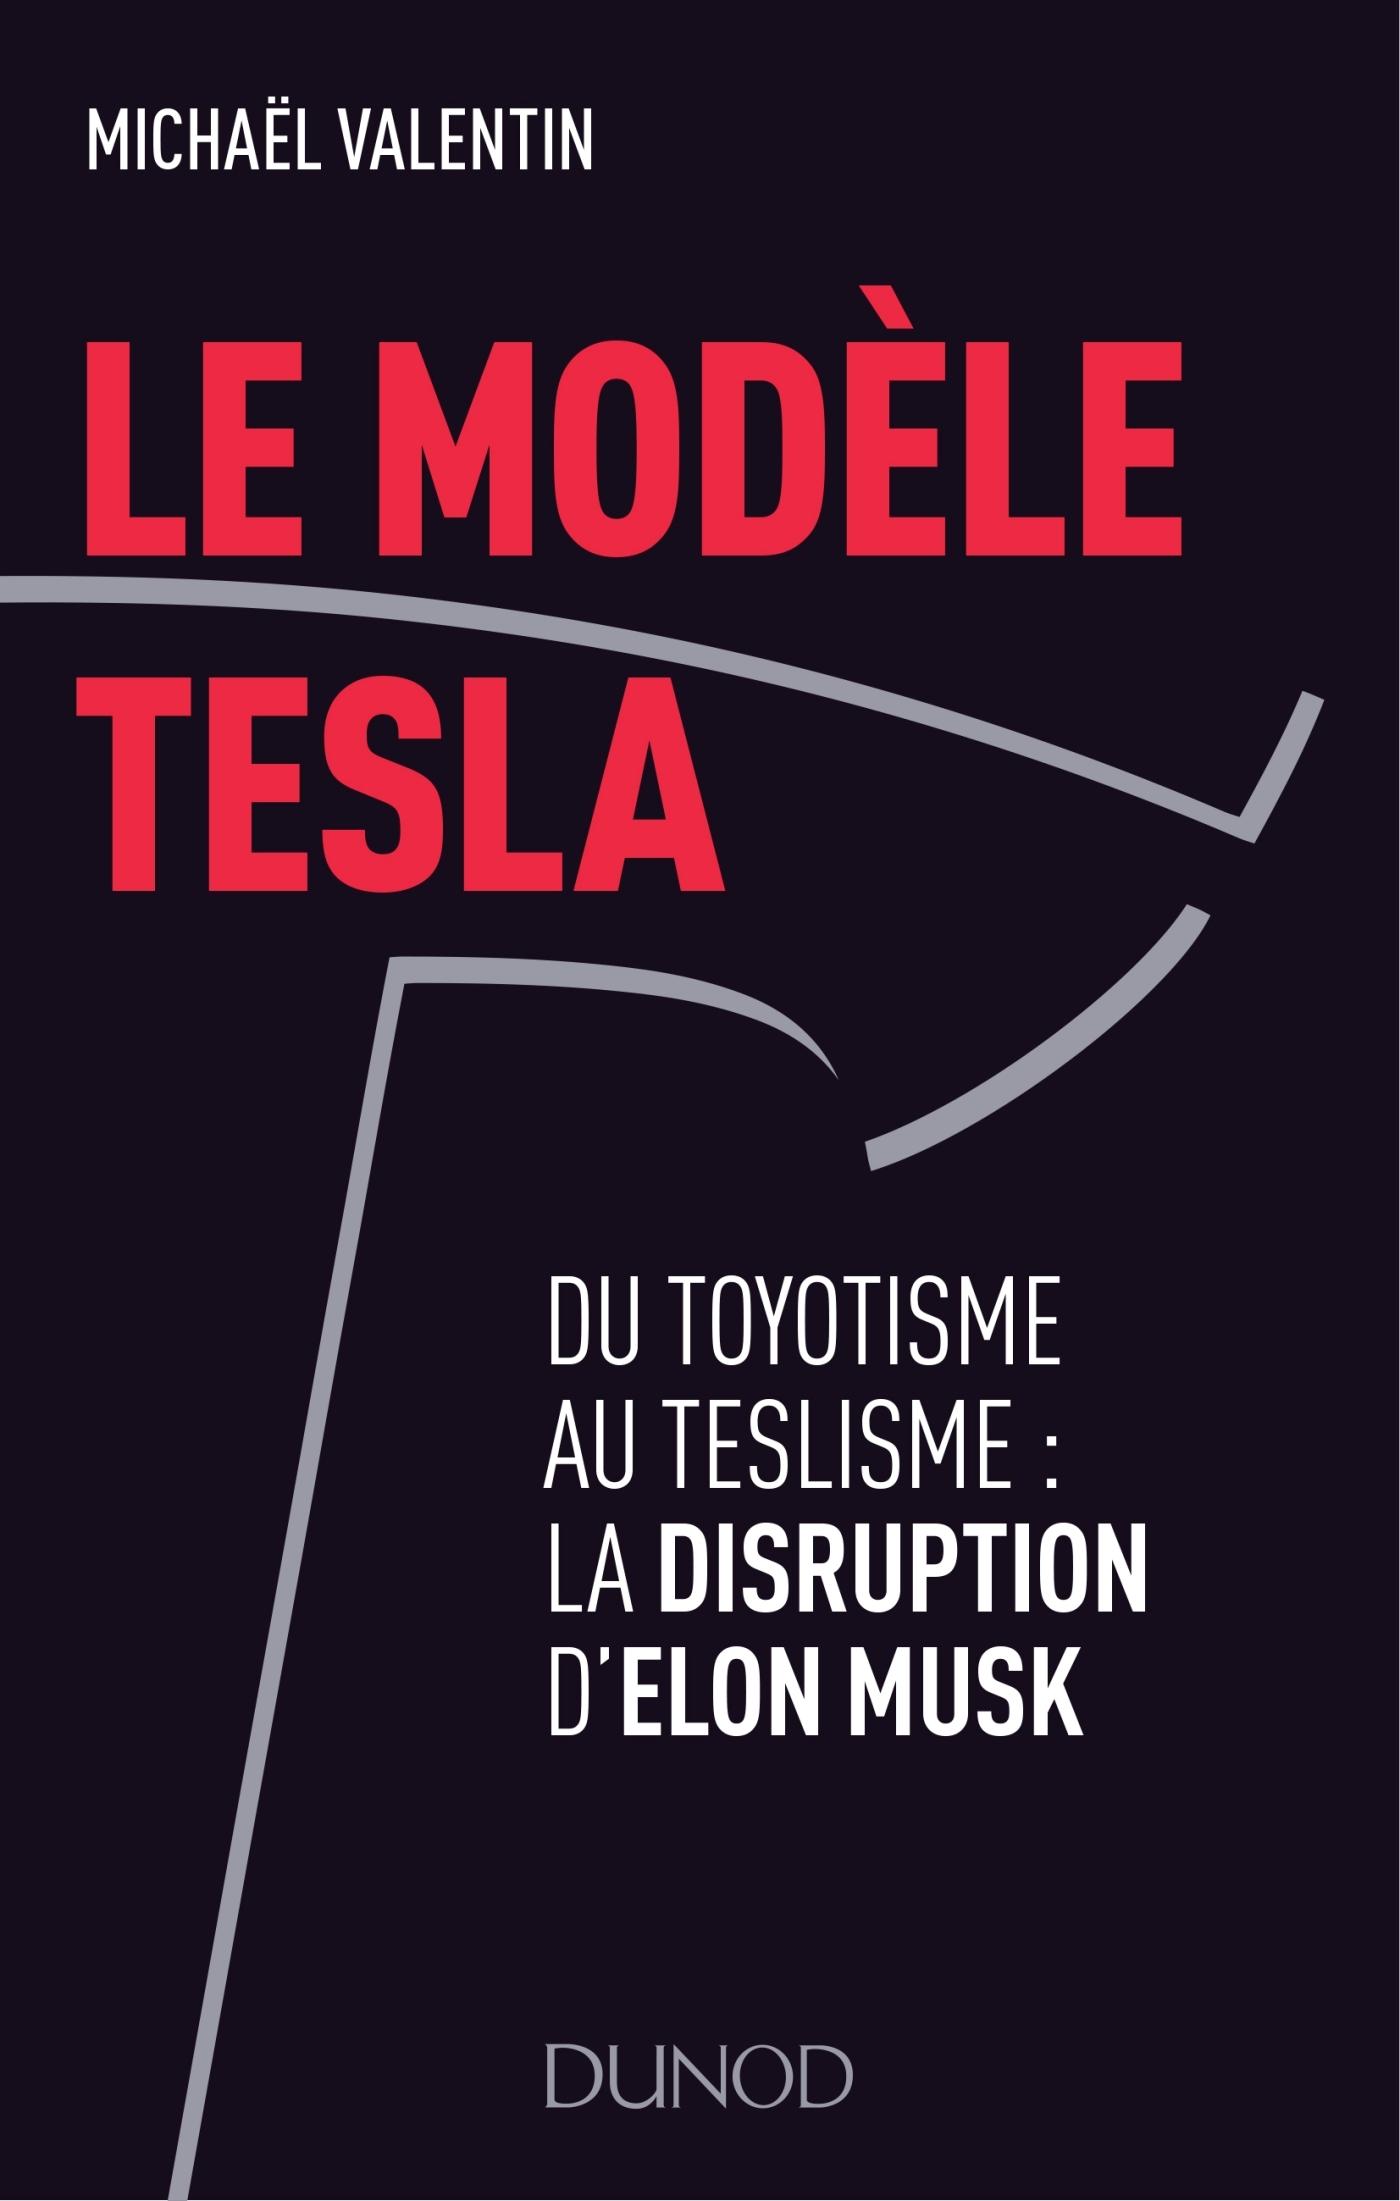 LE MODELE TESLA - DU TOYOTISME AU TESLISME : LA DISRUPTION D'ELON MUSK